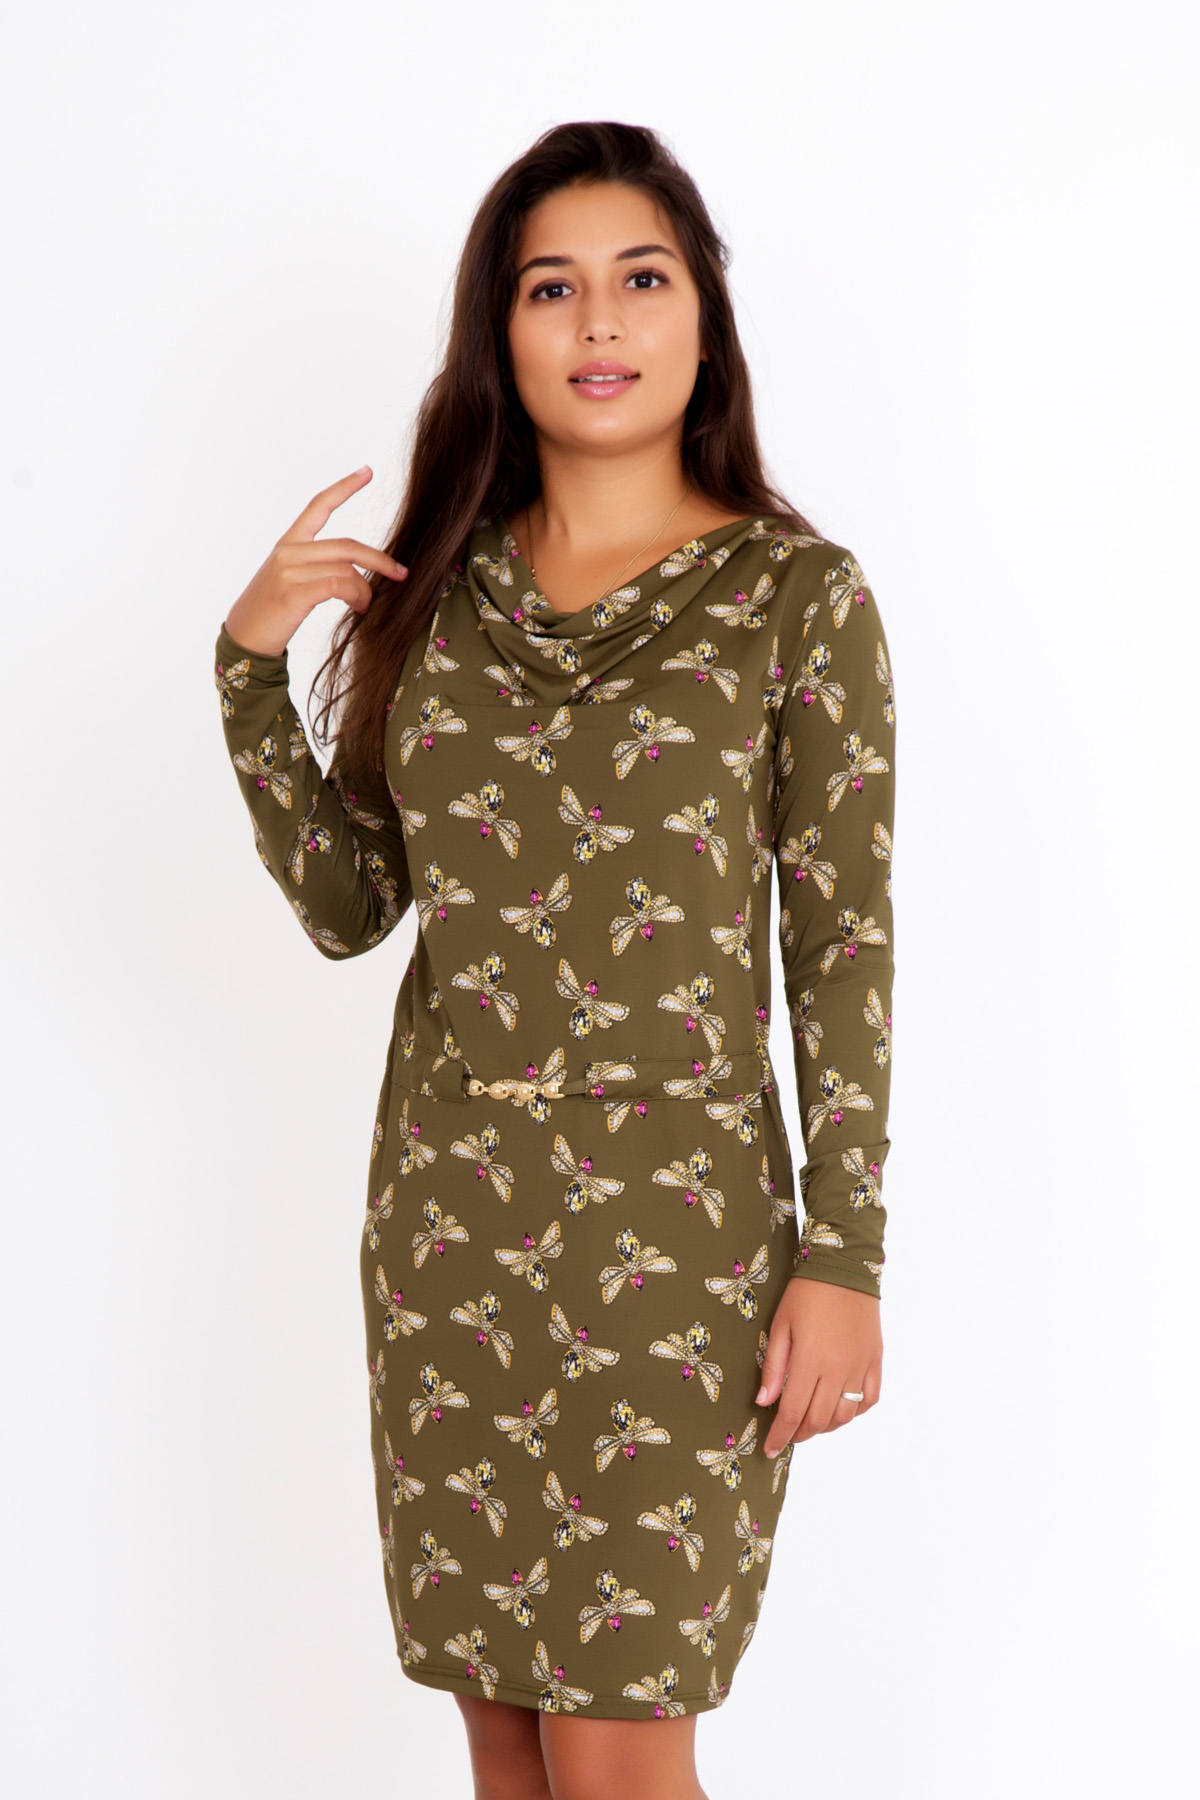 Жен. платье Стрекоза р. 44Распродажа женской одежды<br>Обхват груди: 88 см <br>Обхват талии: 68 см <br>Обхват бедер: 96 см <br>Длина по спинке: 92 см <br>Рост: 167 см<br><br>Тип: Жен. платье<br>Размер: 44<br>Материал: Масло